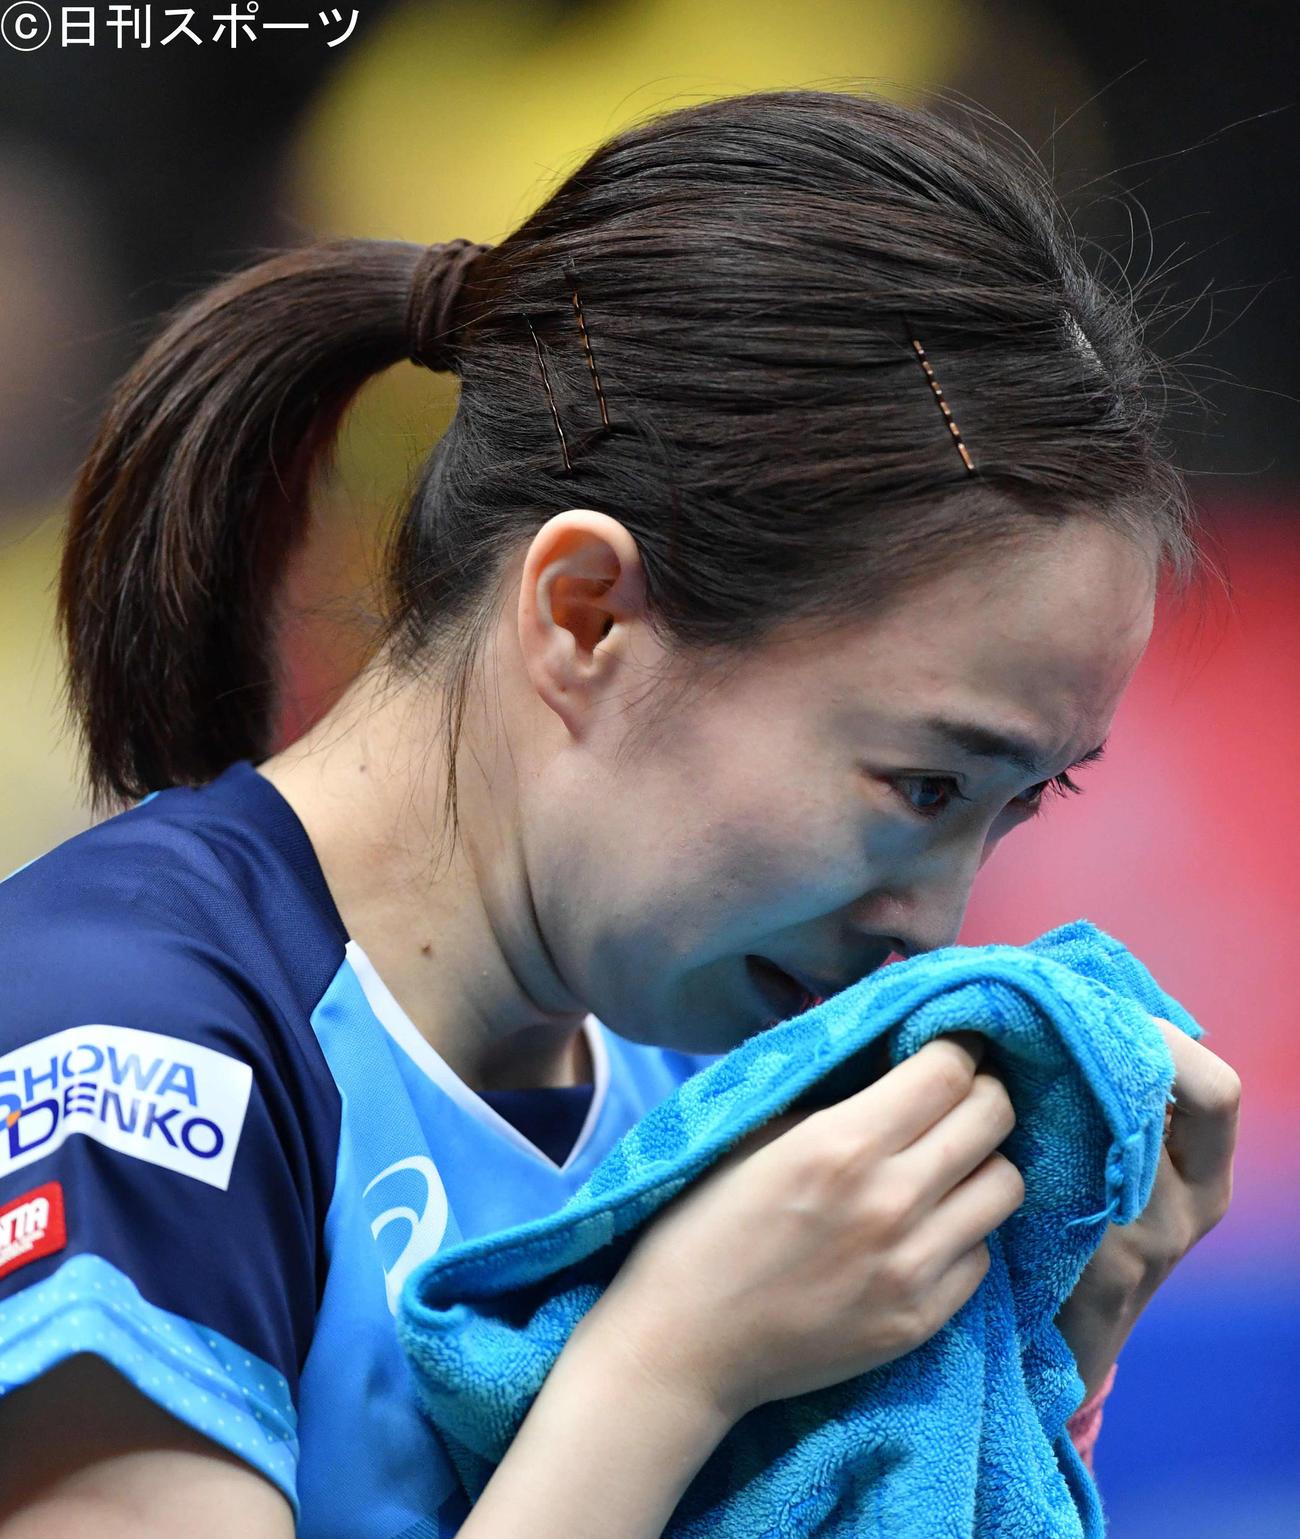 全日本卓球選手権 女子シングルス優勝を決め、涙があふれだす石川佳純(2021年1月17日撮影)